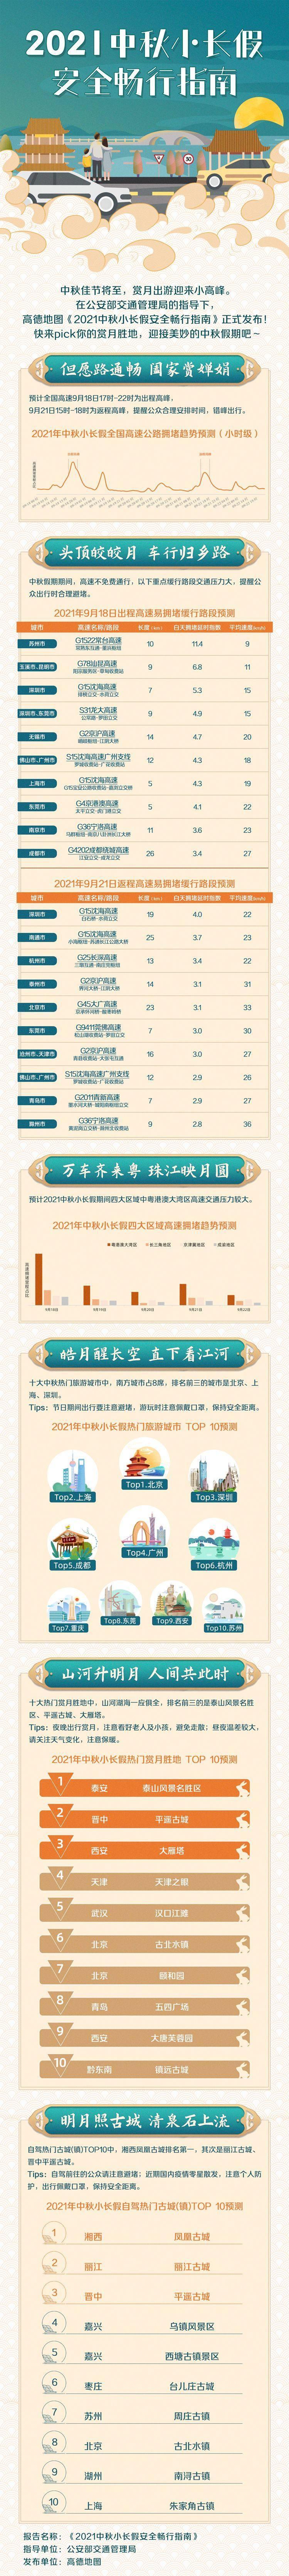 中秋小长假安全畅行指南发布:9月18日17点-22点为高速出程高峰